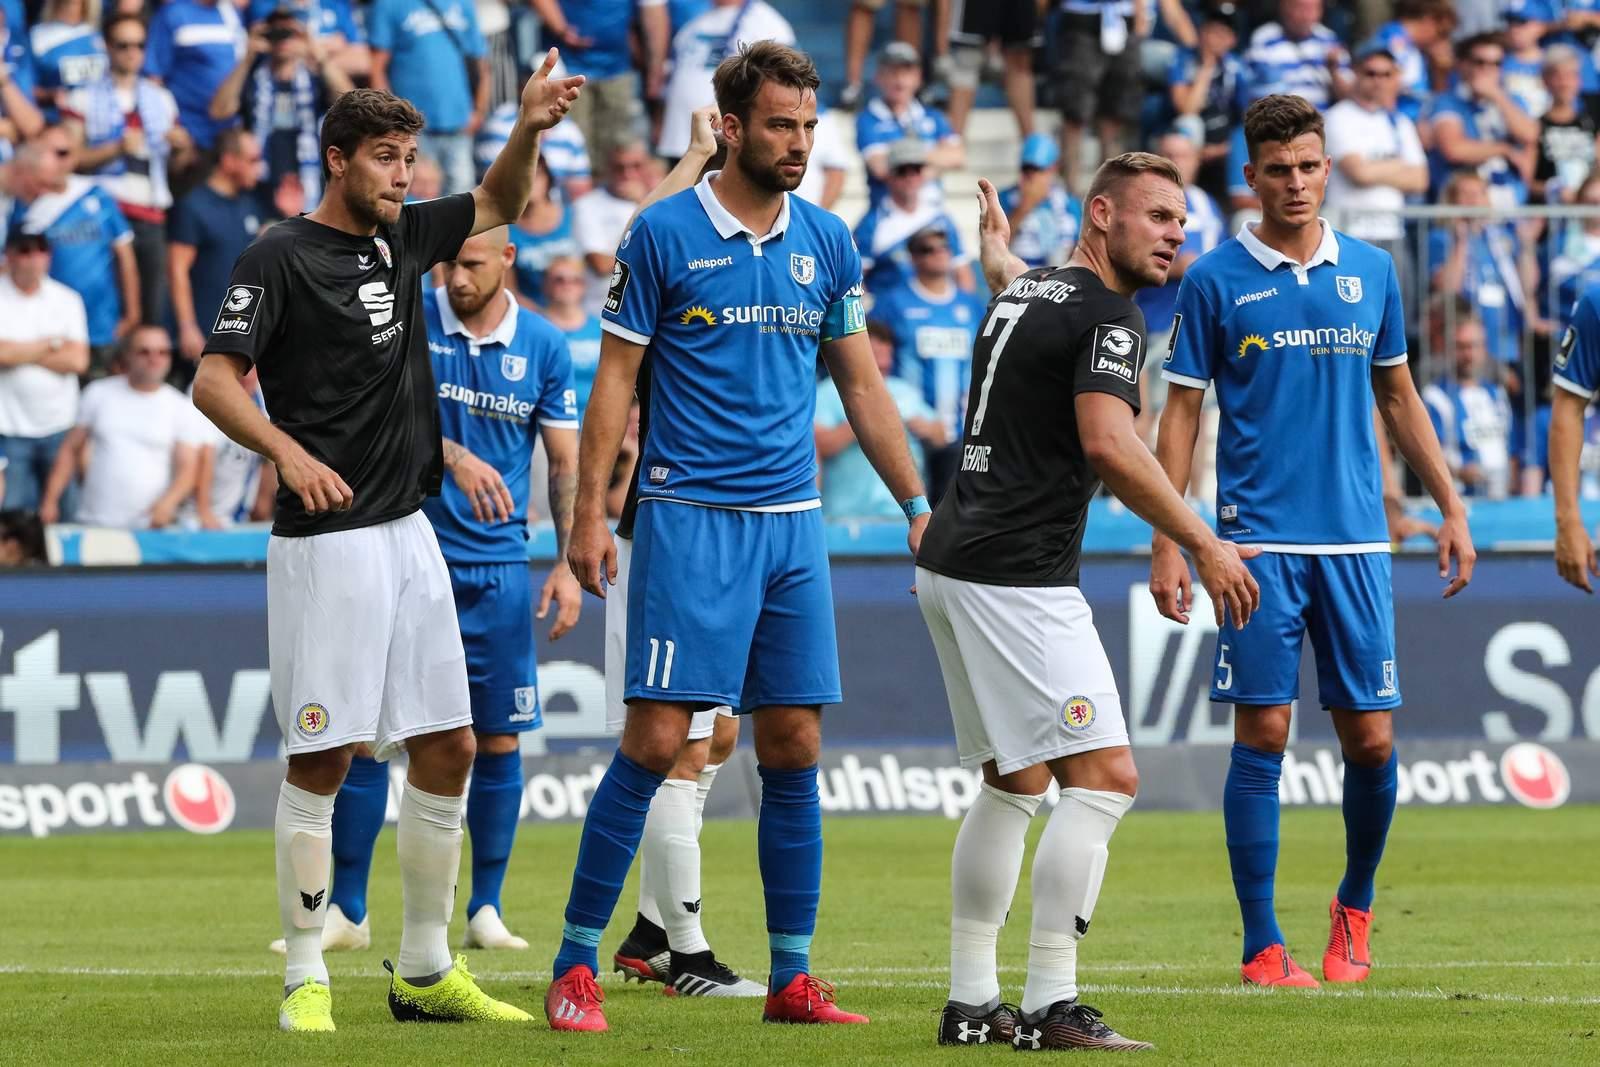 Christian Beck (m.) und Tobias Müller (r.) gegen Braunschweig.